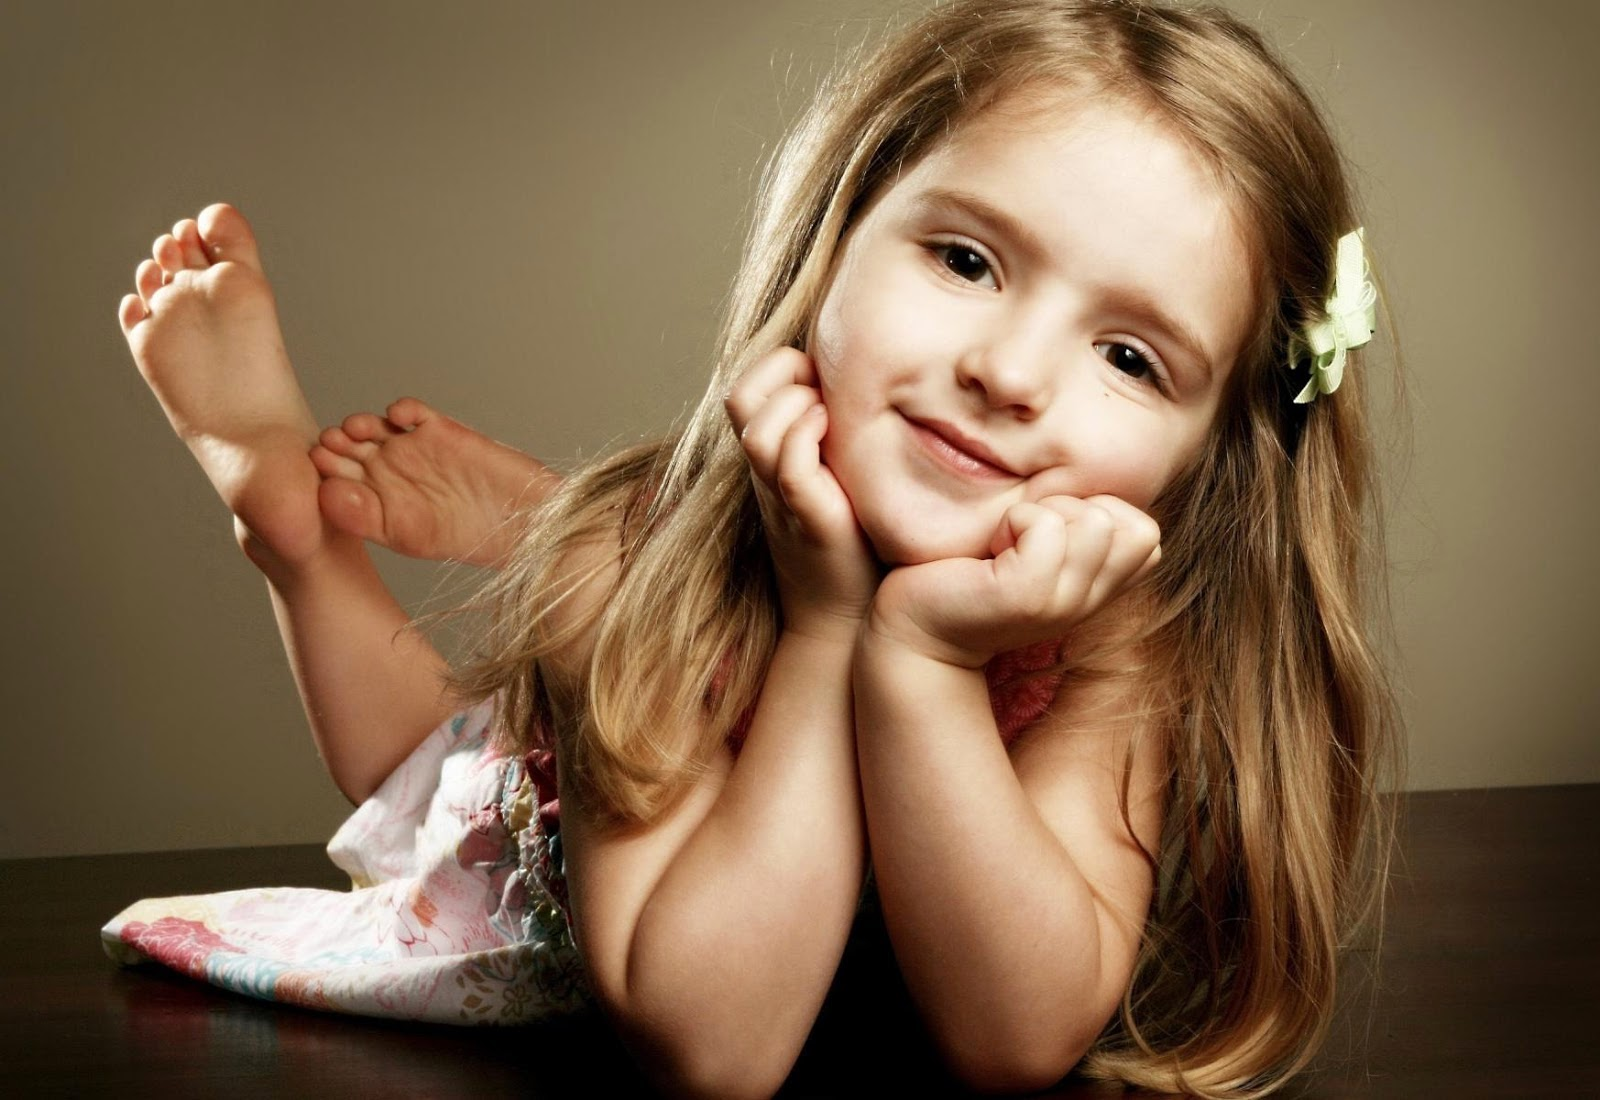 Koleksi Gambar Konyol Anak Kecil